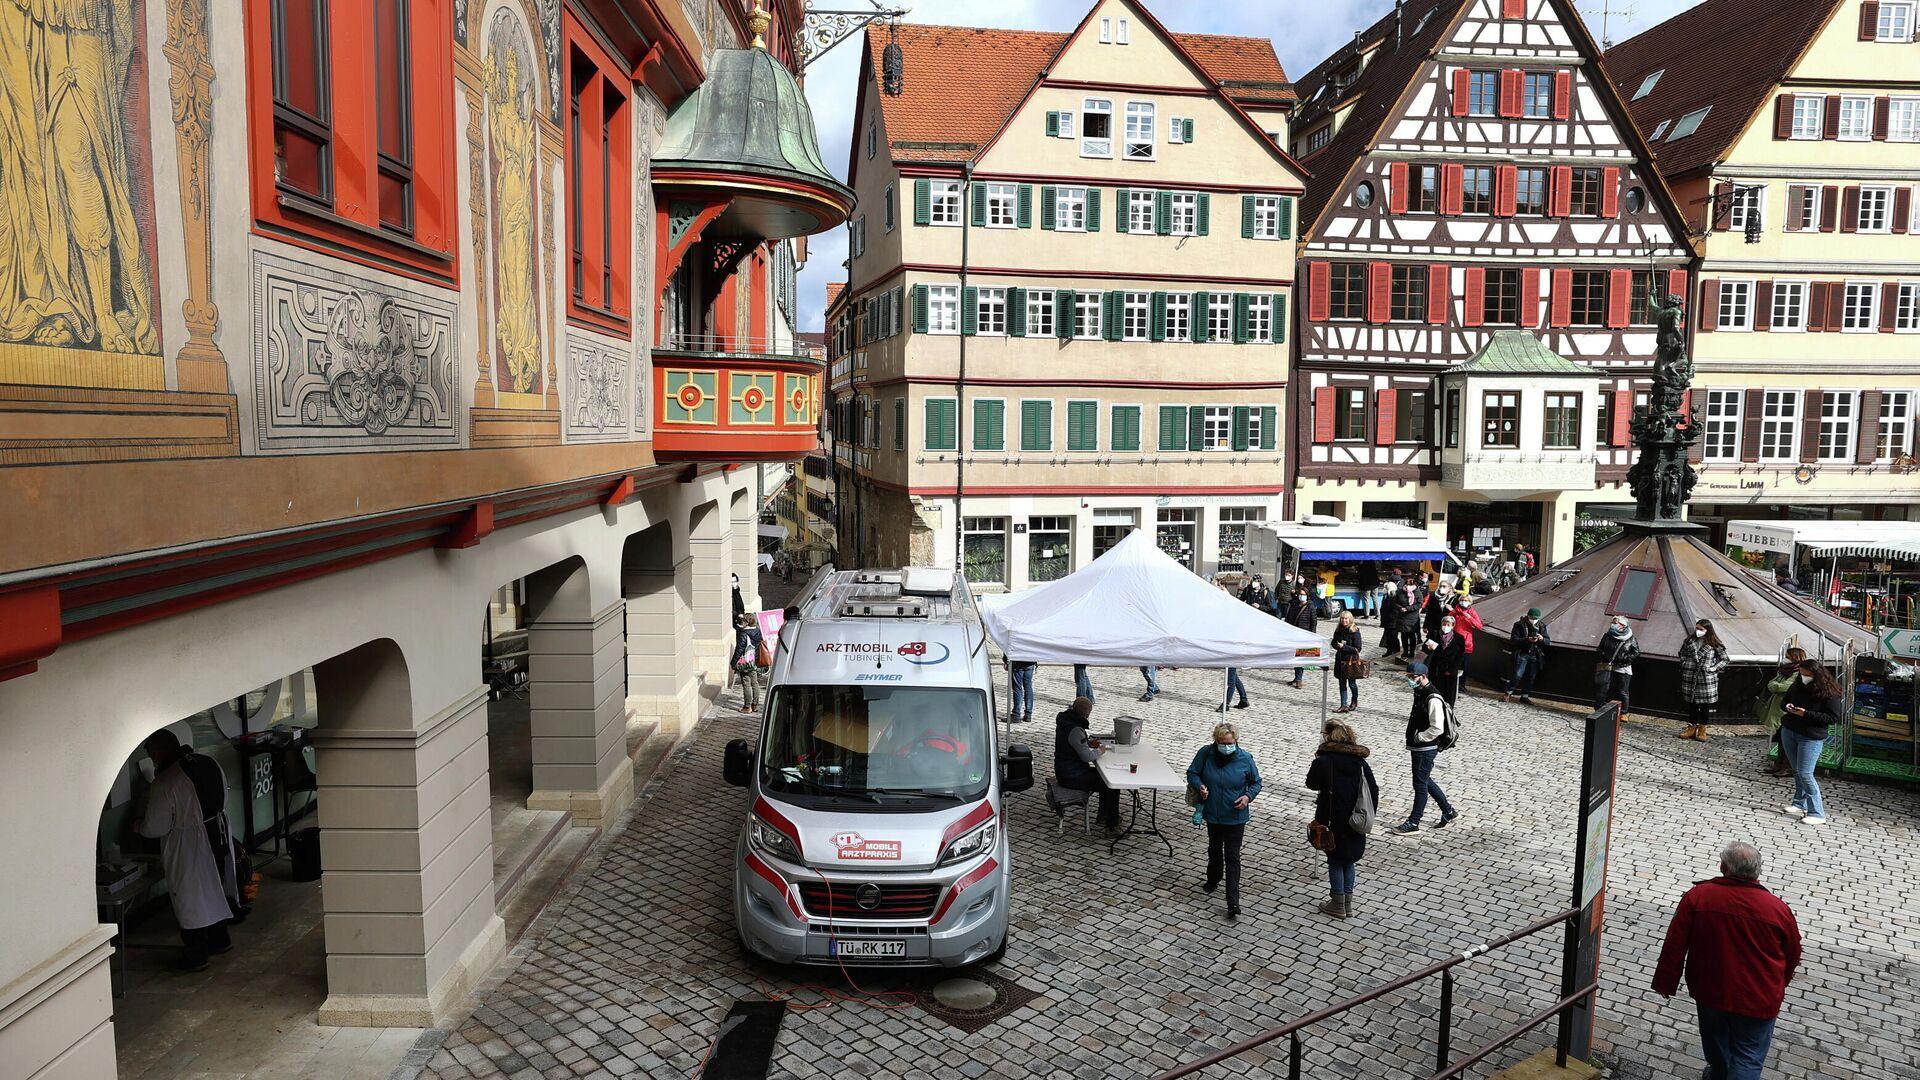 Stadtzentrum von Tübingen, Deutschland - SNA, 1920, 30.03.2021